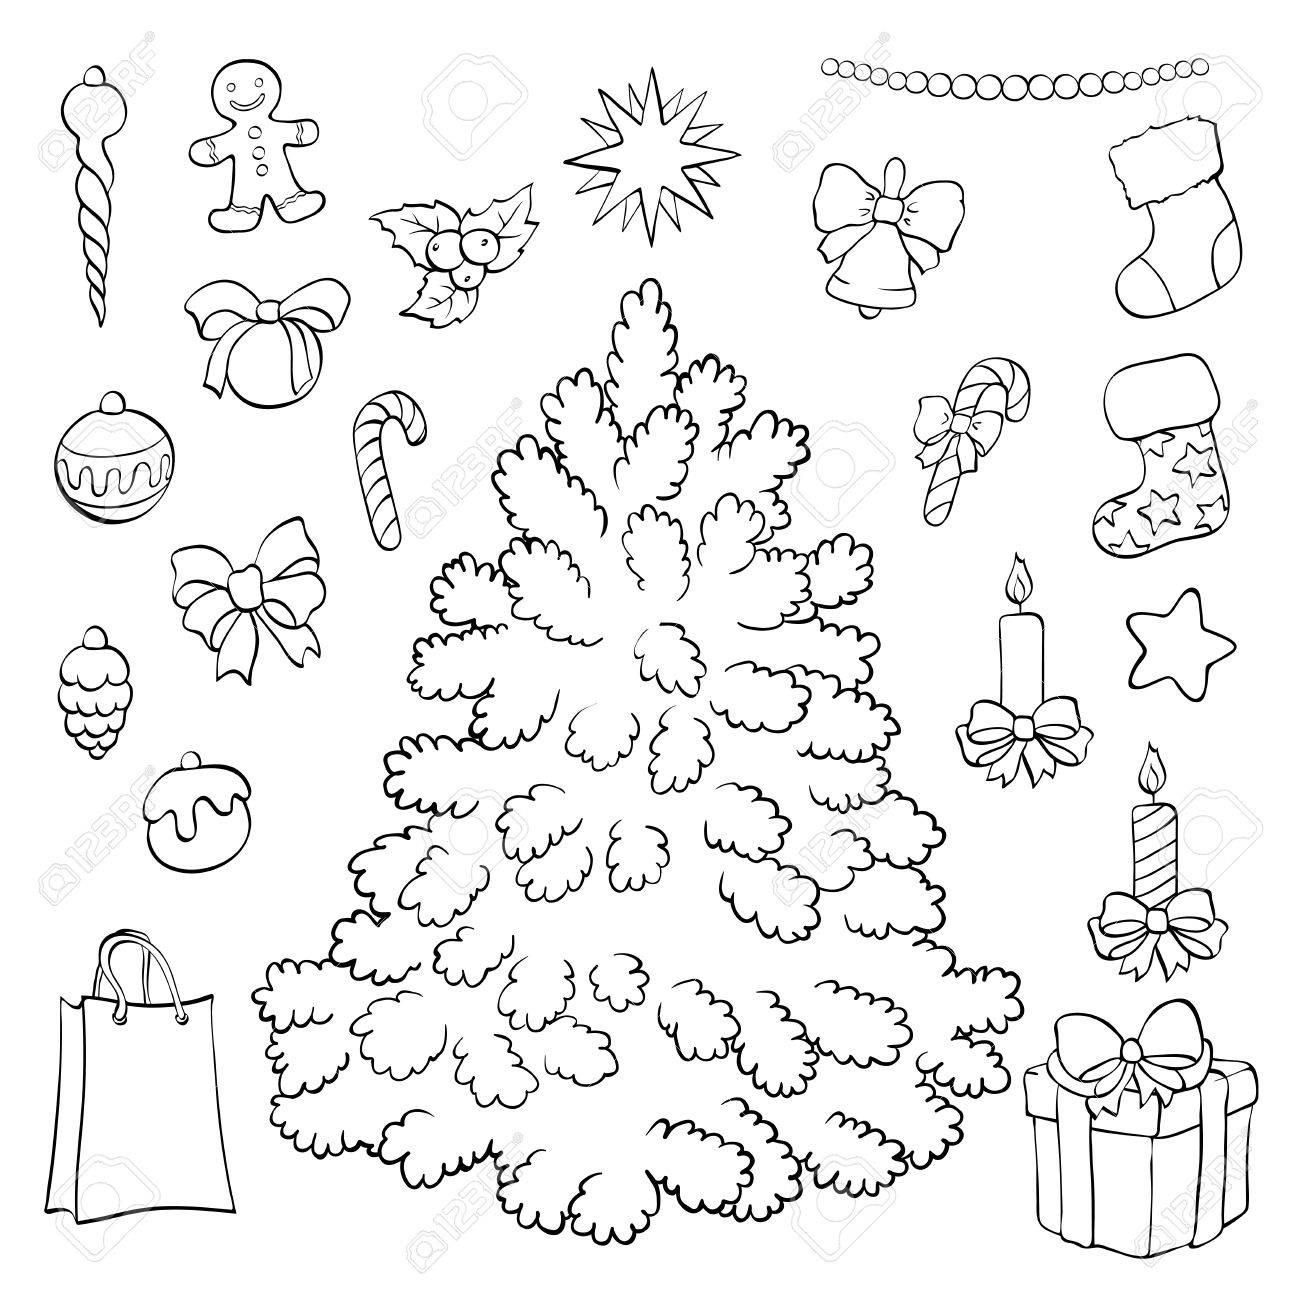 가장 많이 검색 한 크리스마스 트리 색칠공부 무료 및 인쇄